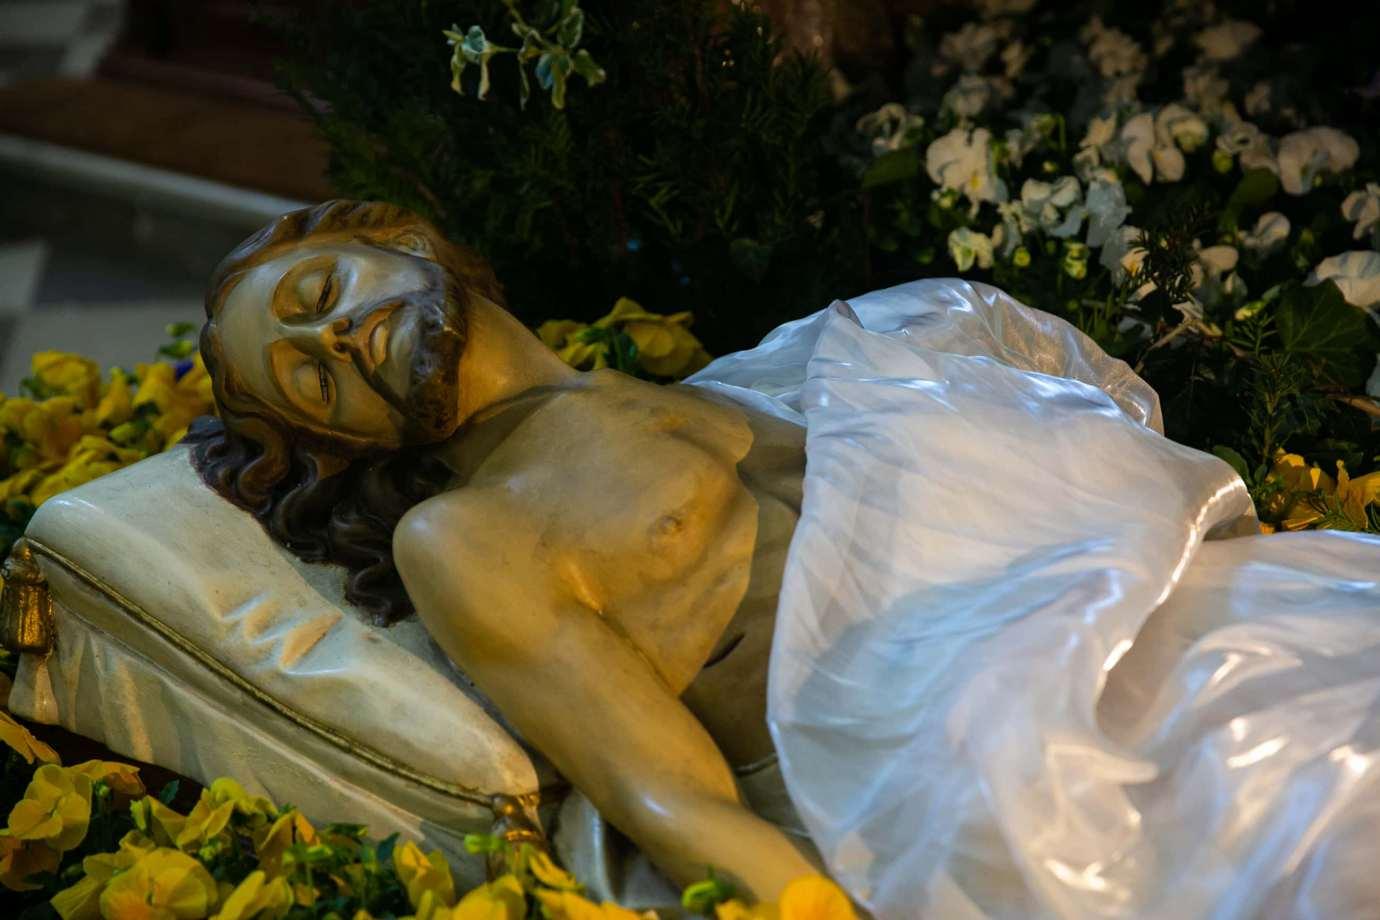 kosciol rektoralny pw sw katarzyny w zamosciu 9 Zdjęcia grobów pańskich w zamojskich świątyniach